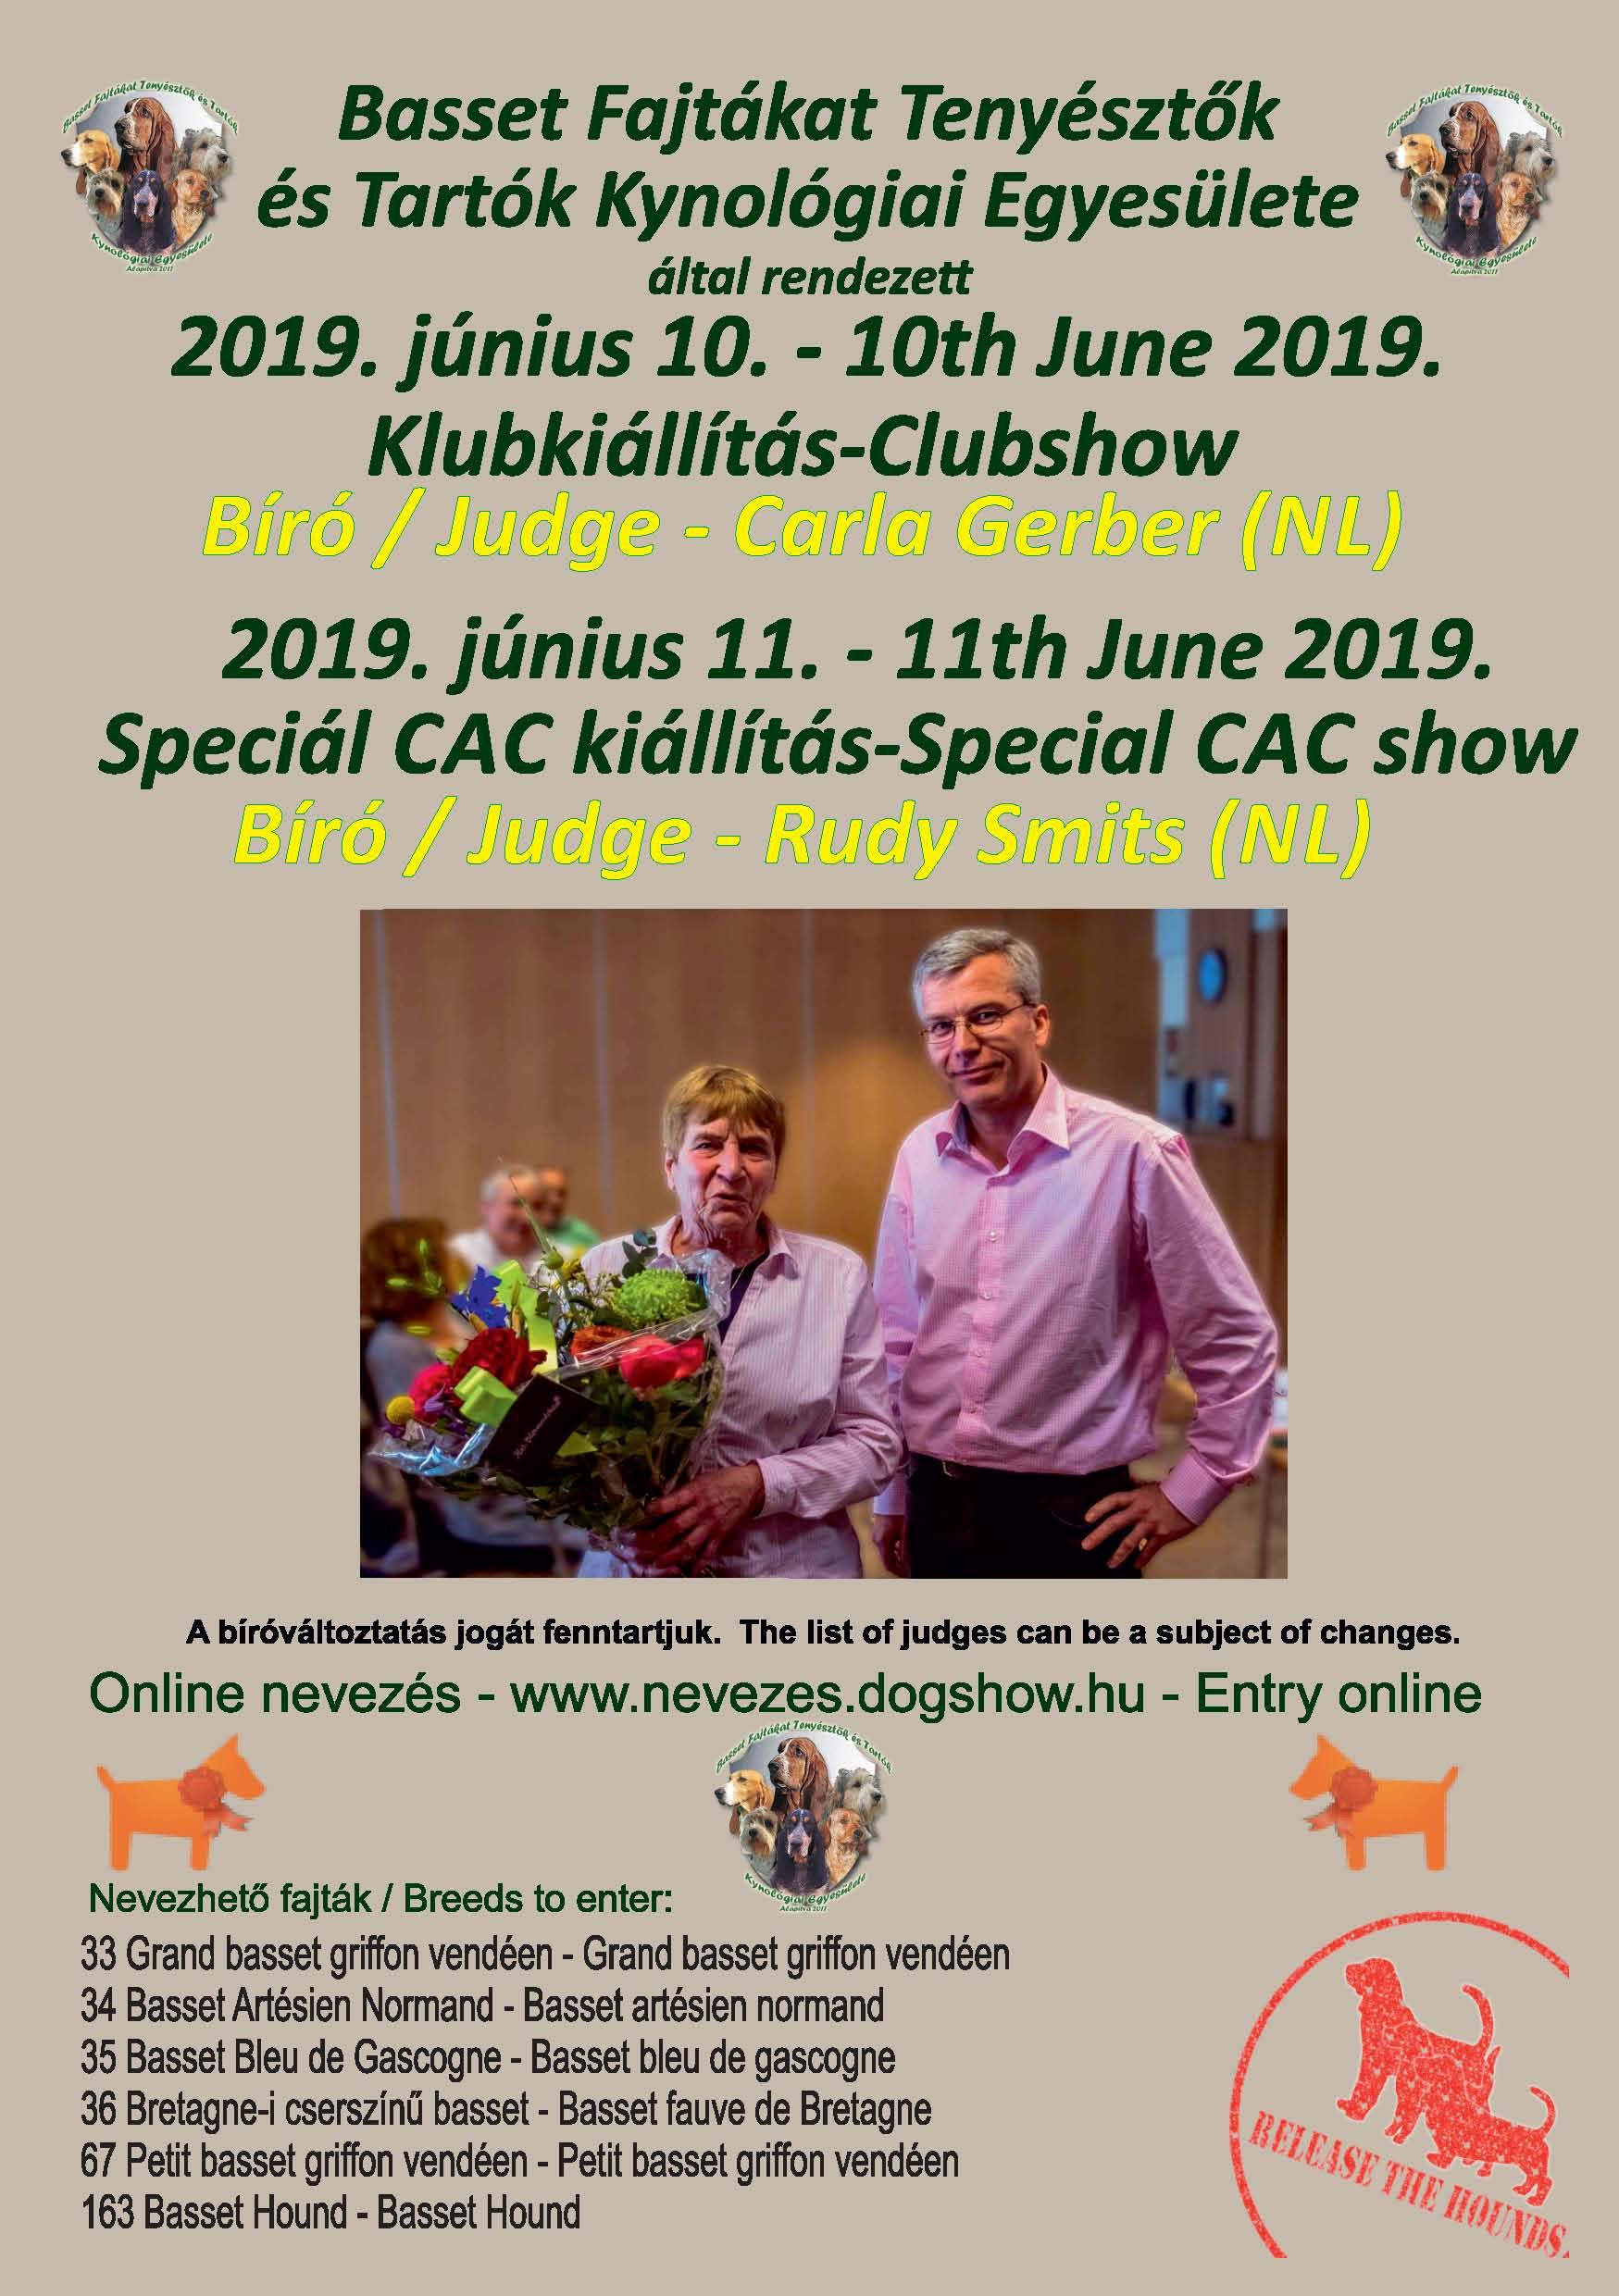 Klub- és Speciál Kiállítás 2019